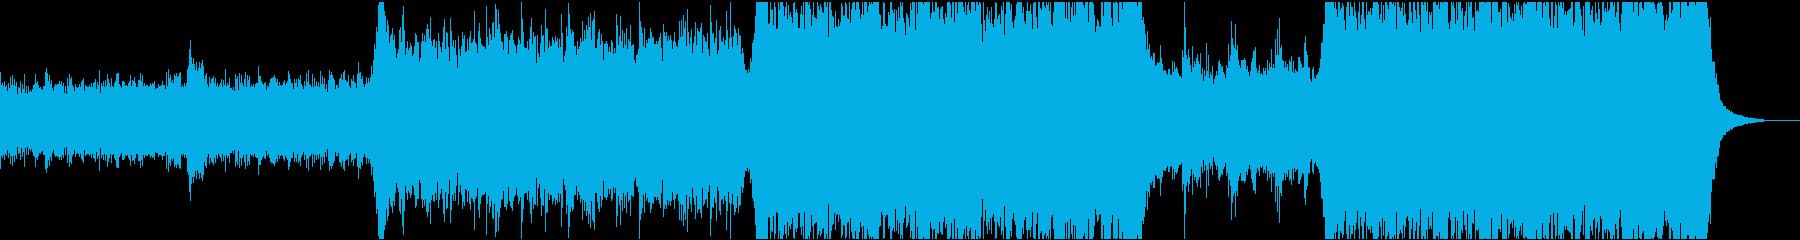 現代の交響曲 企業イメージ 素晴ら...の再生済みの波形